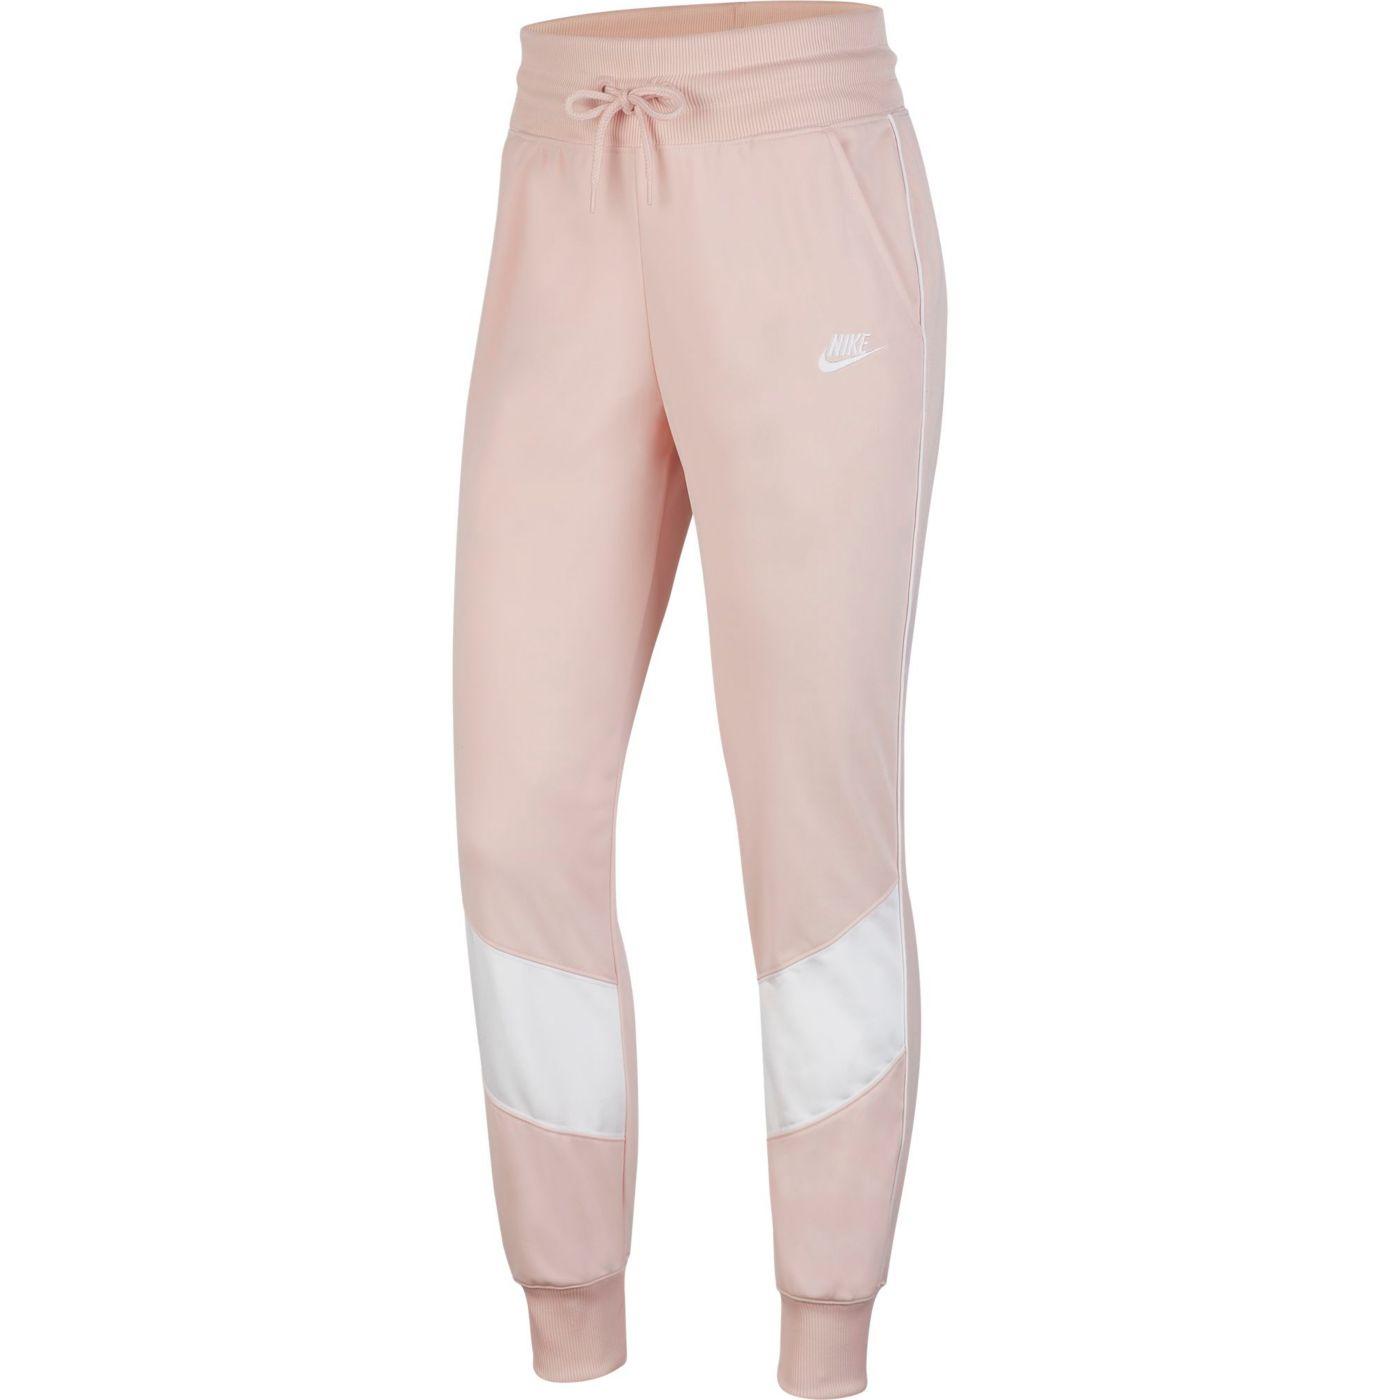 Nike Women's Sportswear Heritage Track Pants